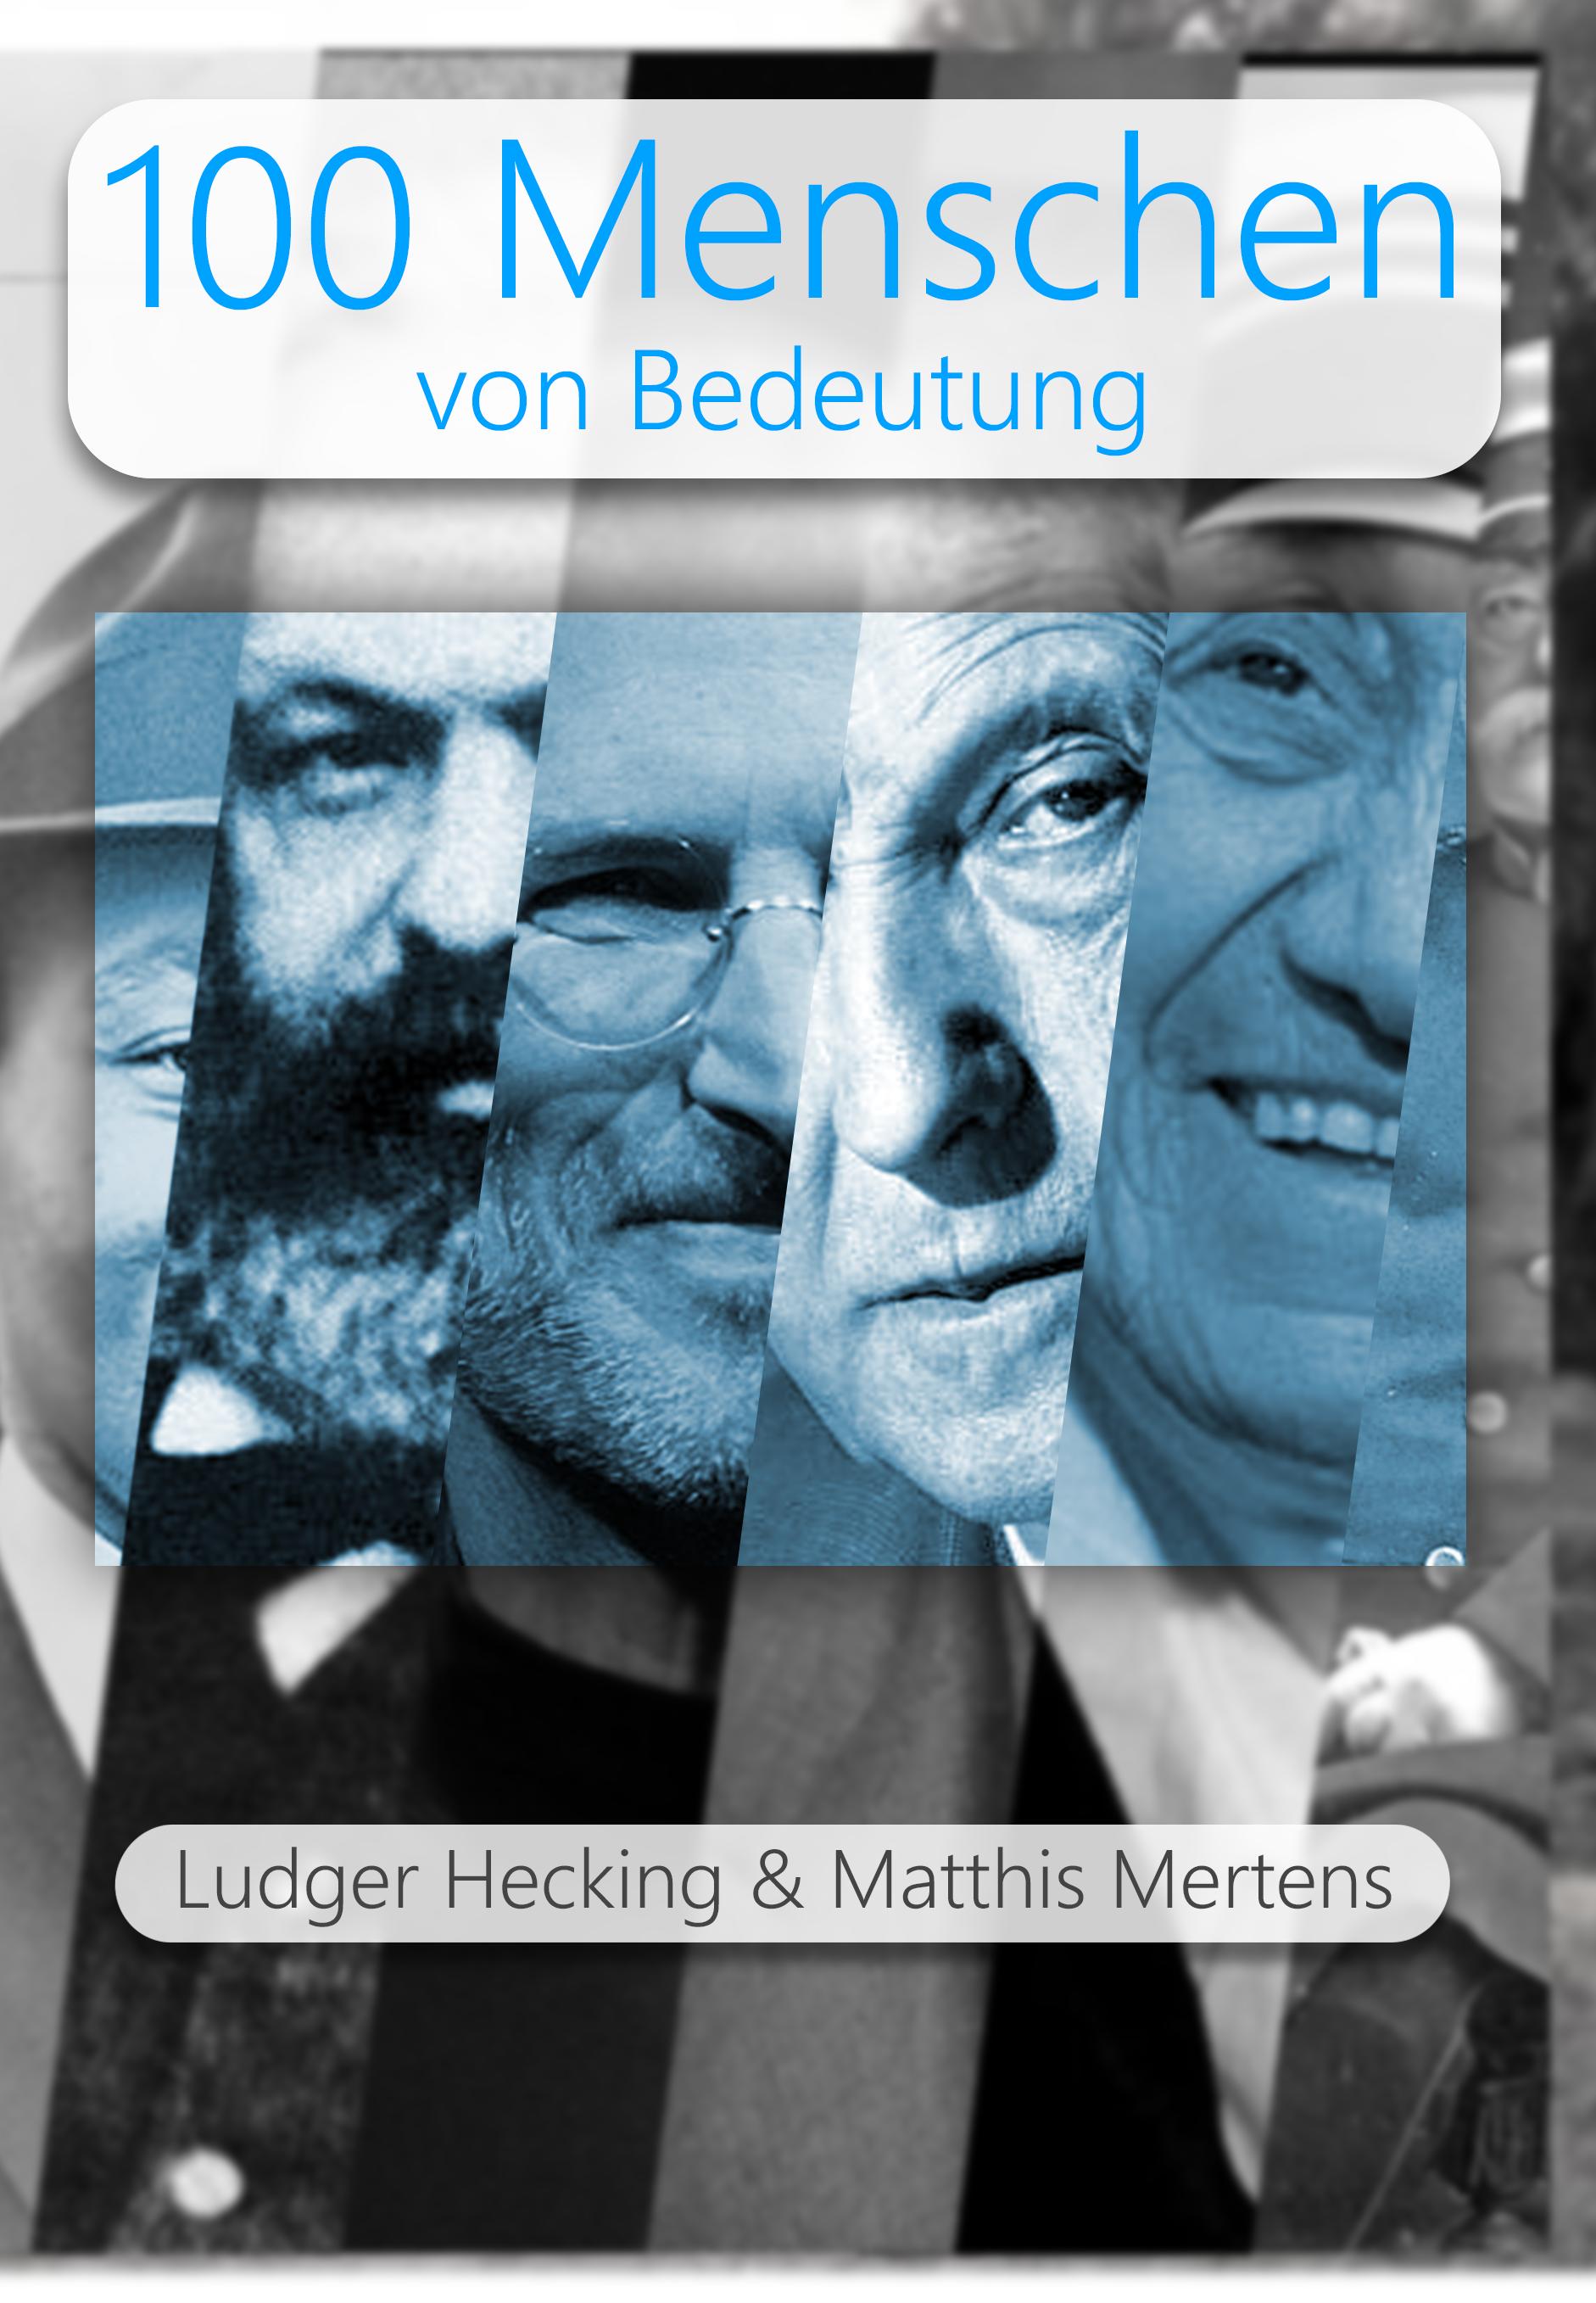 Matthis Mertens, Ludger Hecking – 100 Menschen von Bedeutung